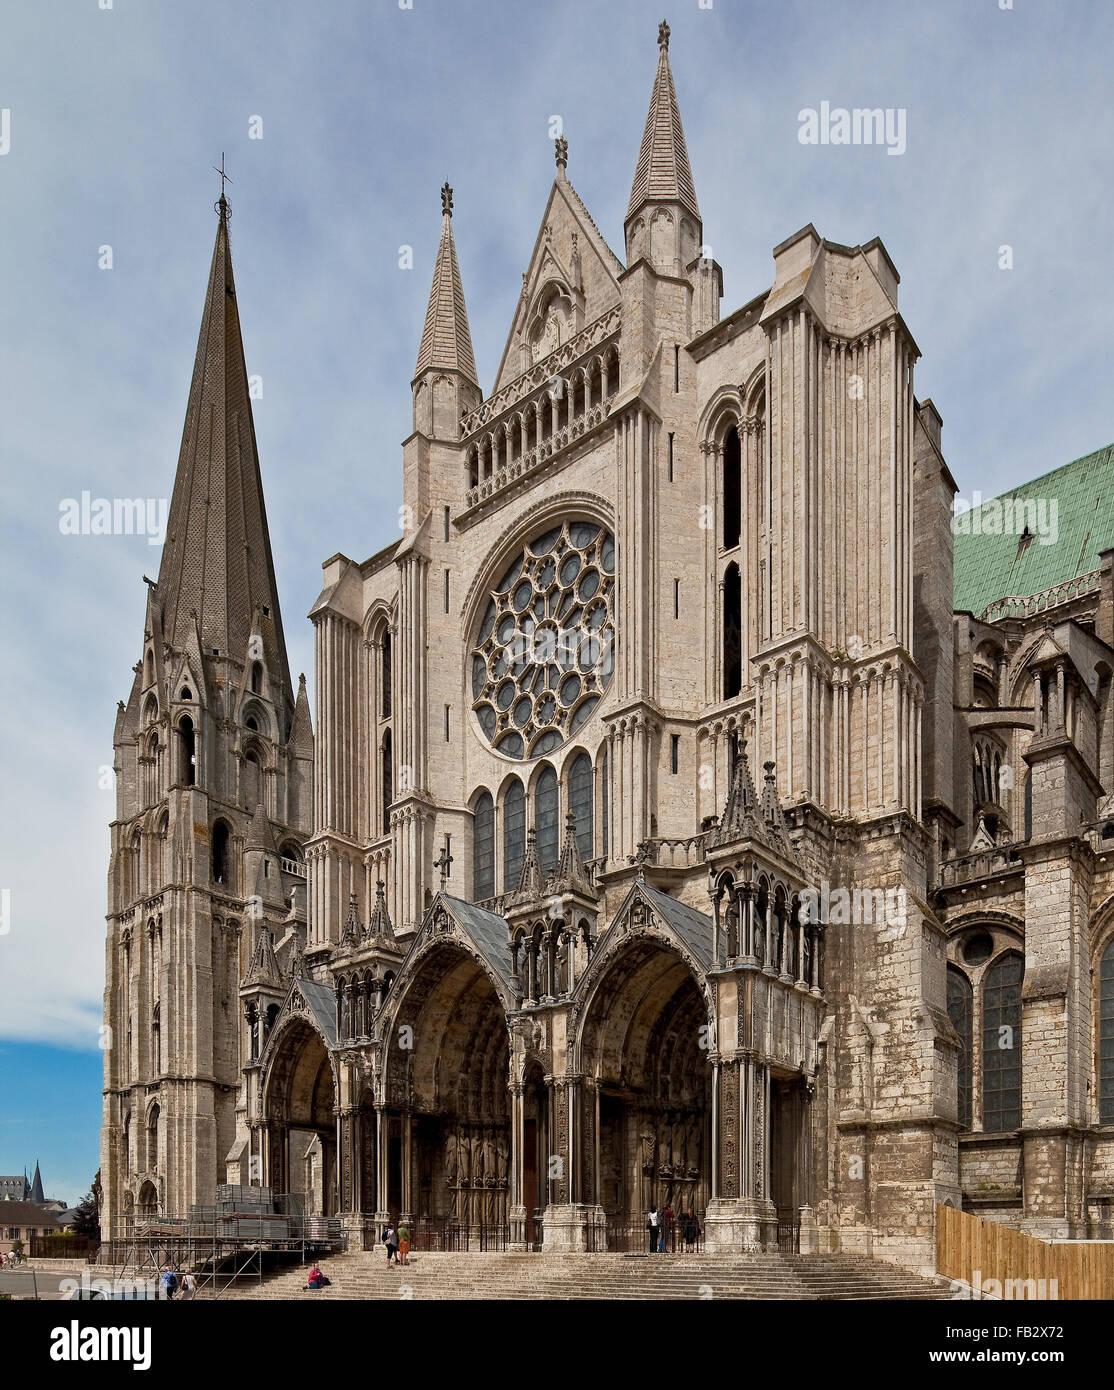 Chartres, Cathedrale, 1195-1260 Hauptbauzeit, Südquerhausgiebel, links südlicher Westturm 1145-64 CLOCHER - Stock Image